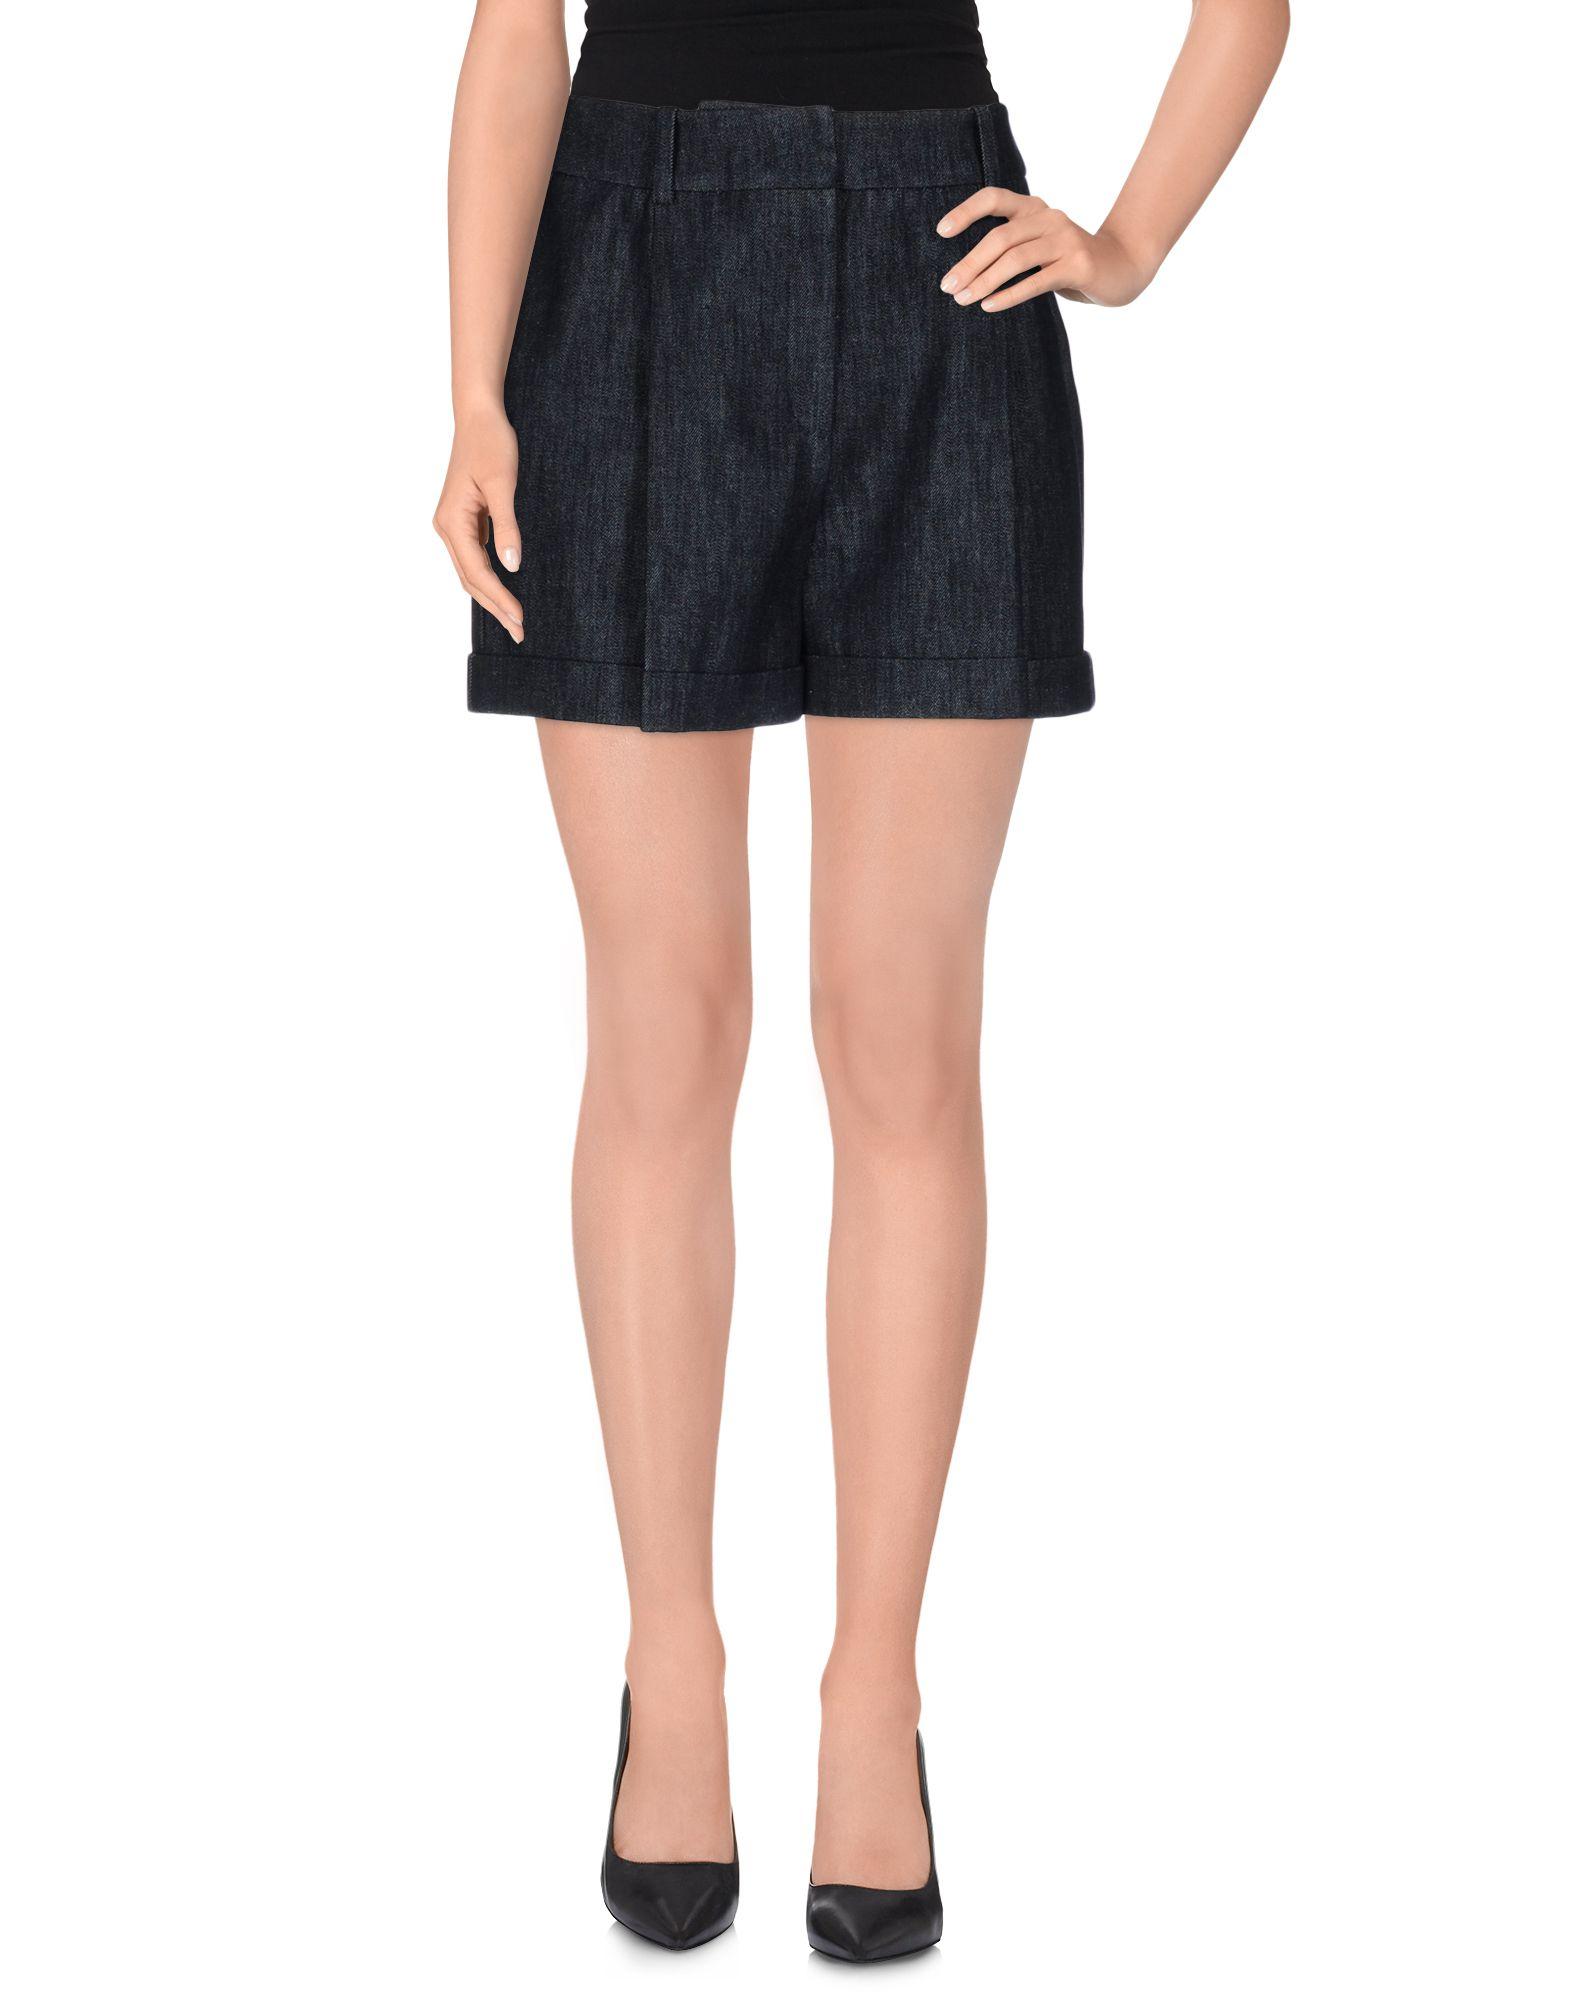 MICHAEL KORS Джинсовые шорты superfine джинсовые шорты